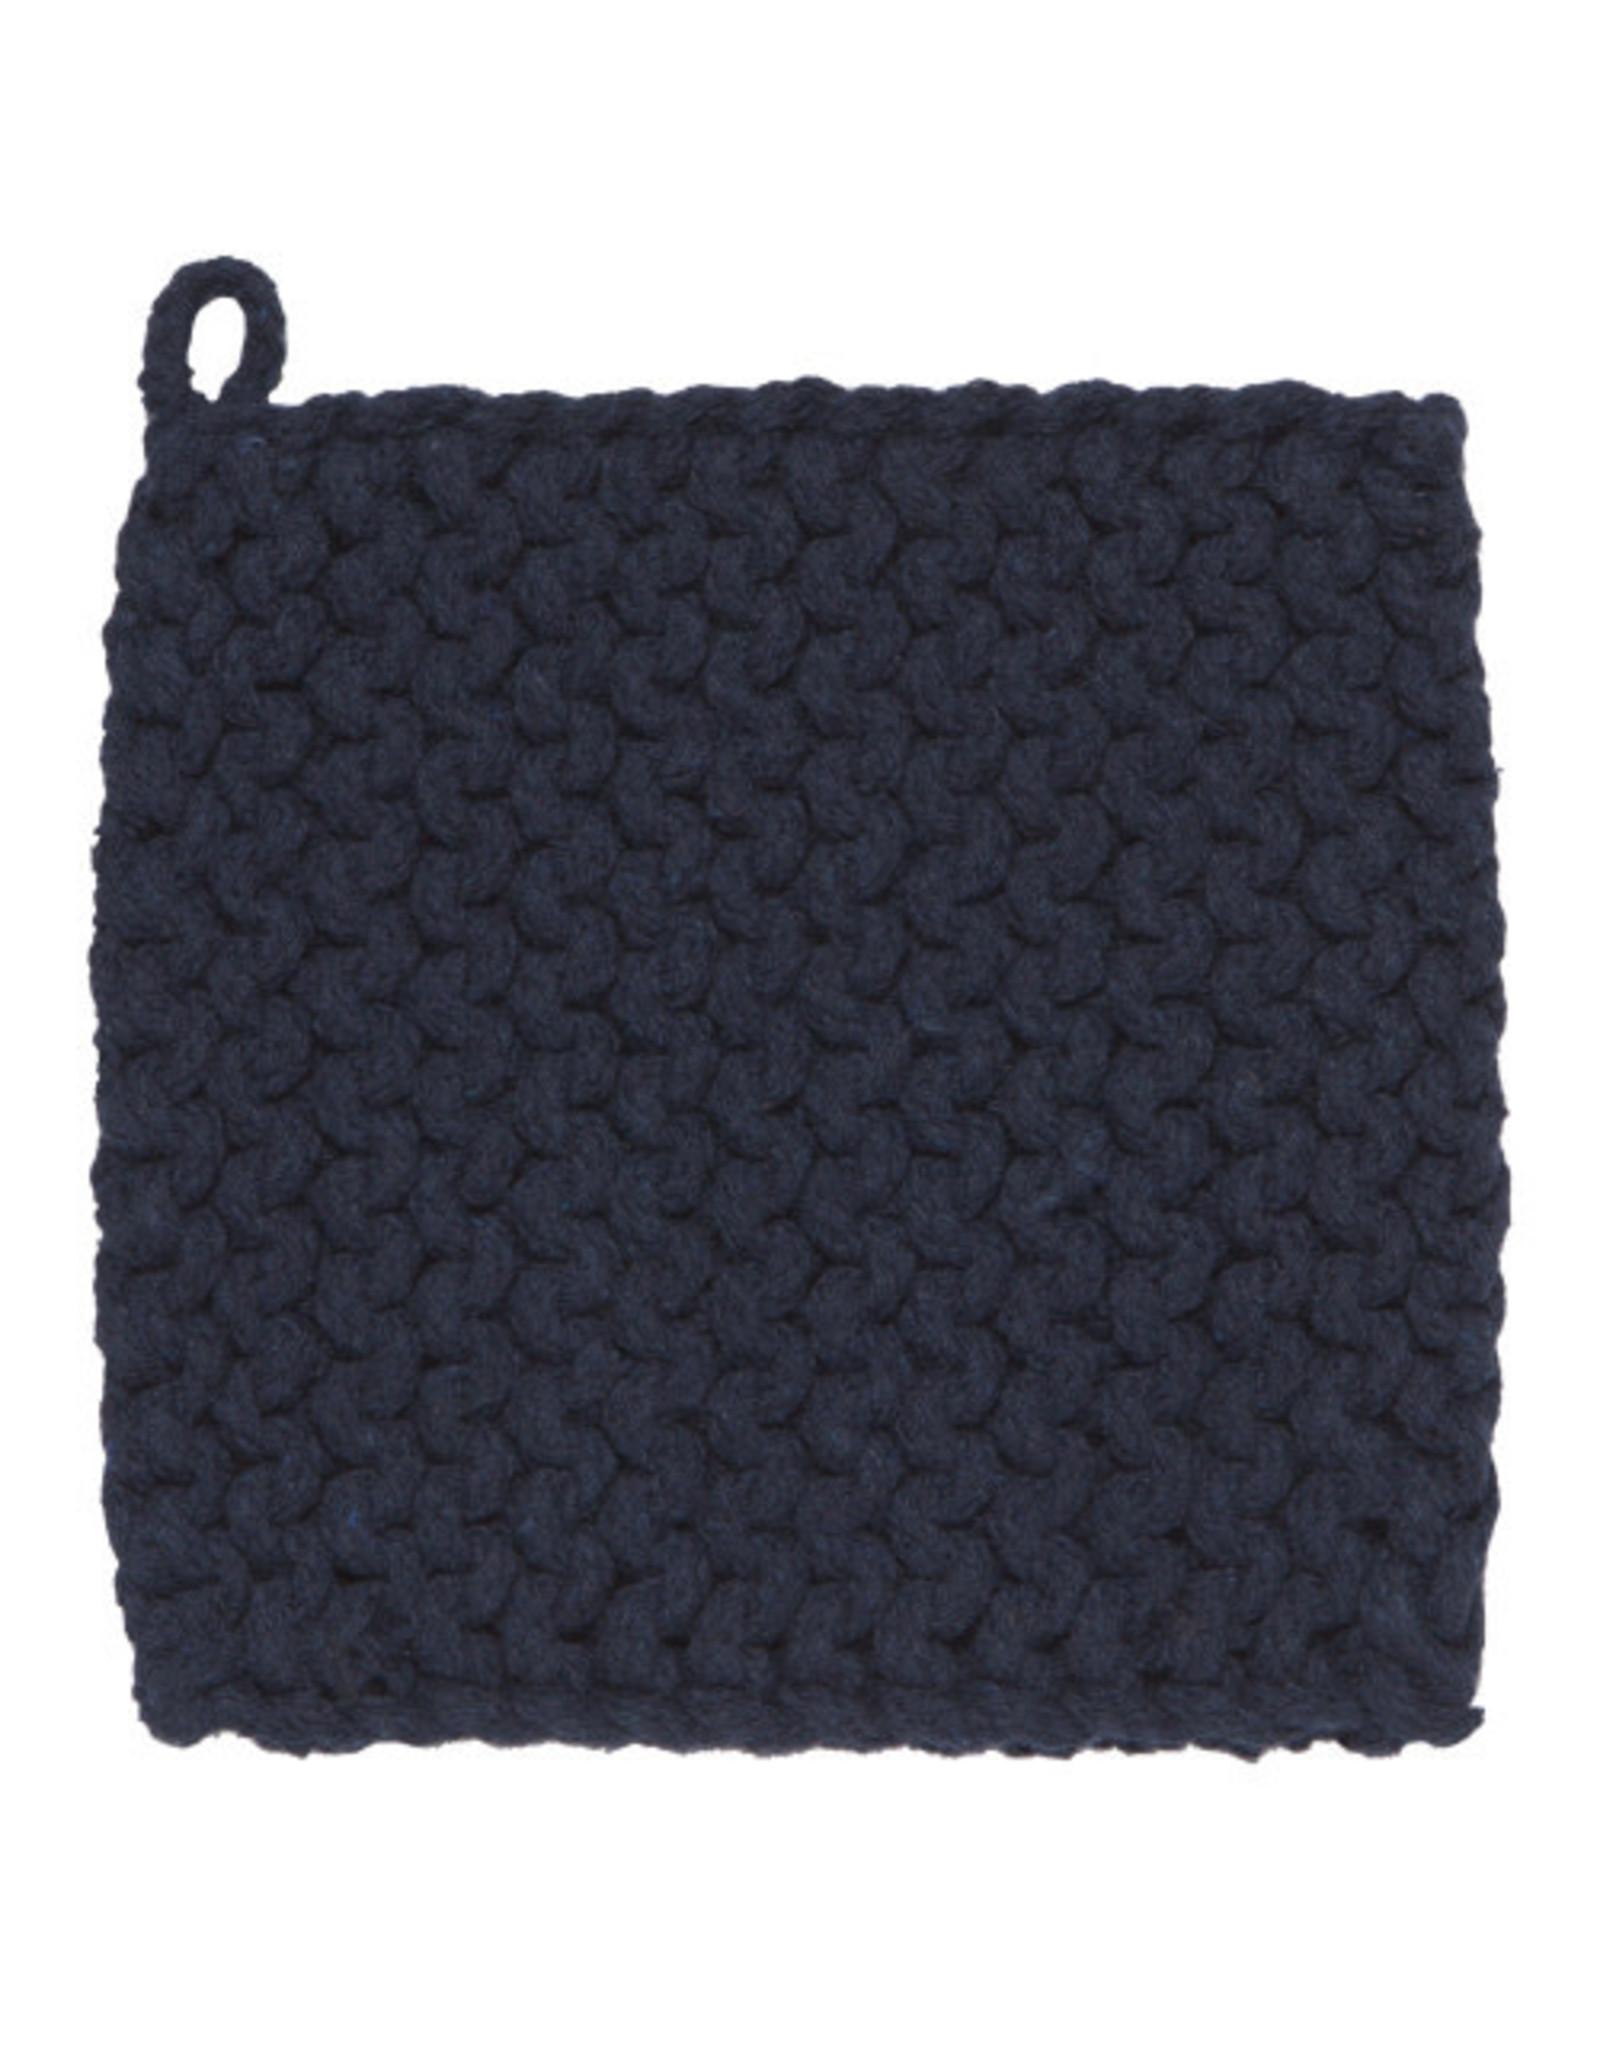 Knit Pot Holder